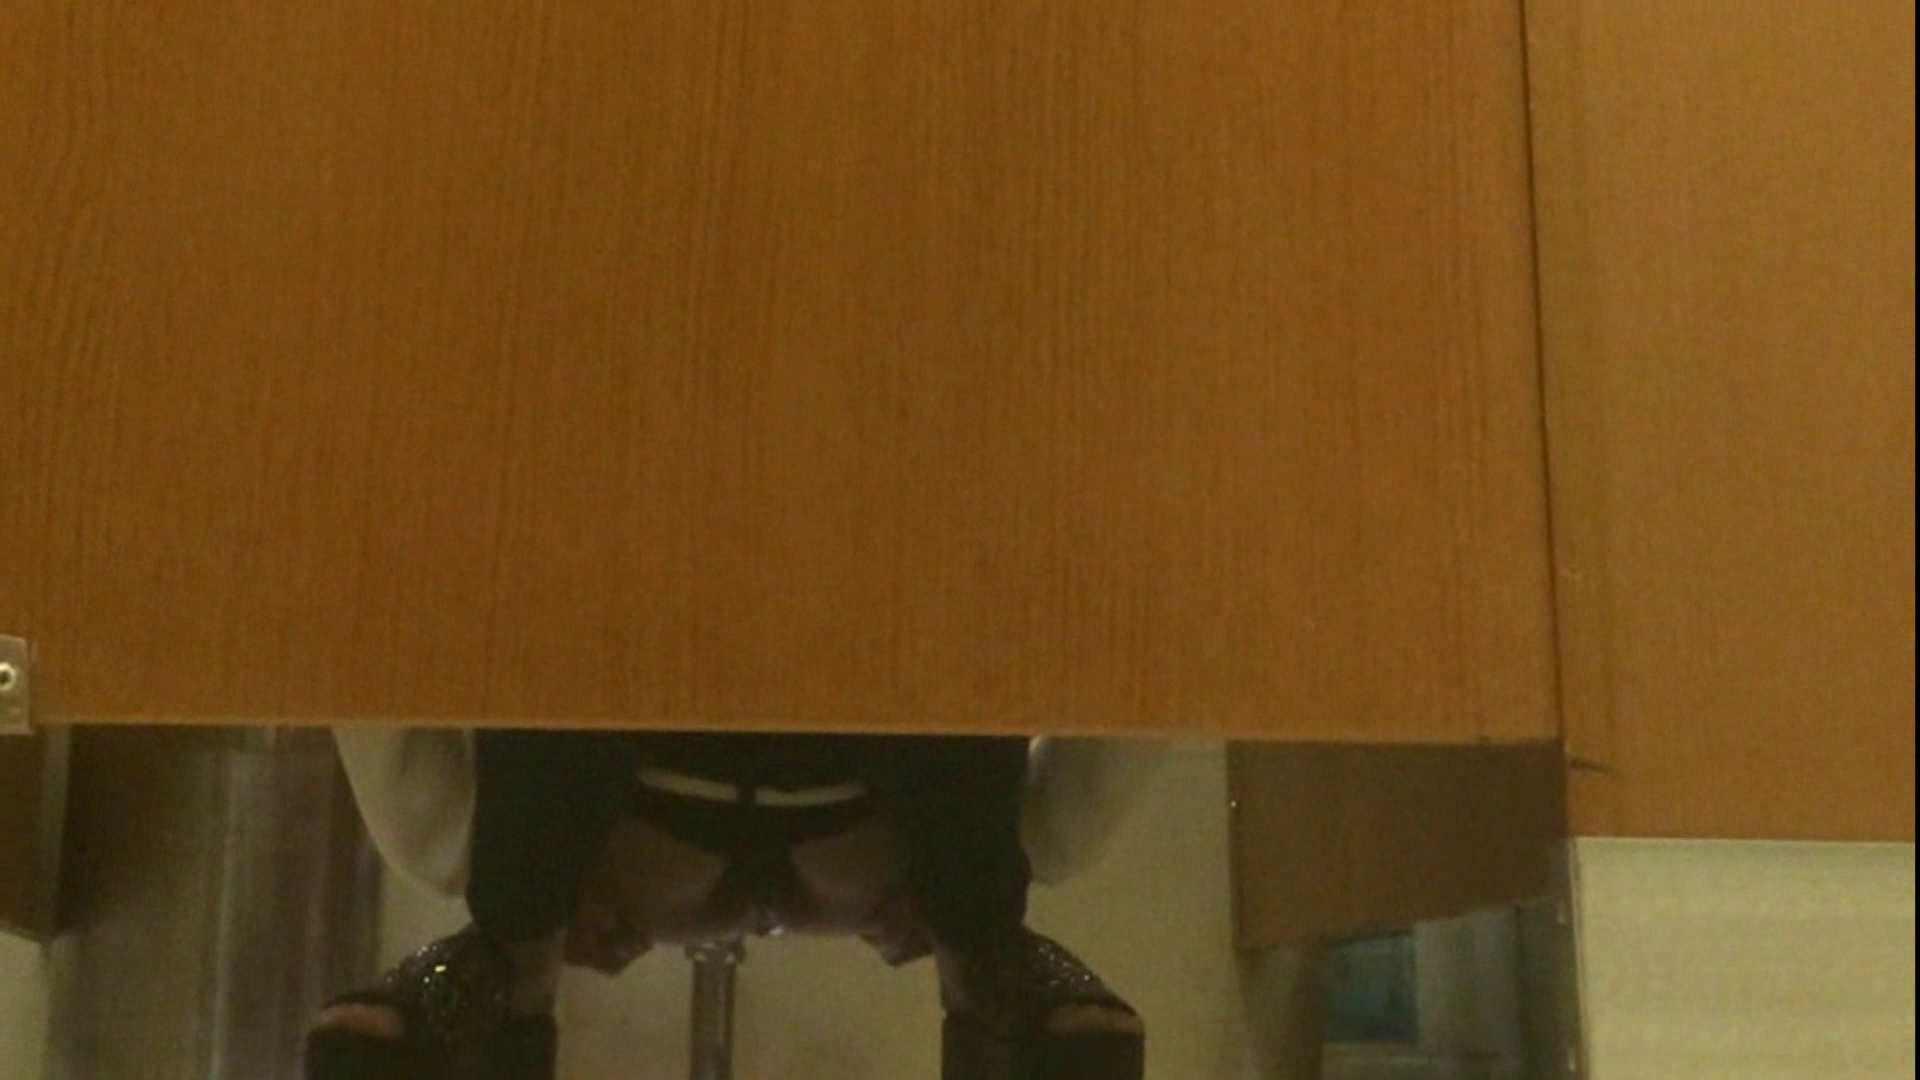 隣国化粧室下から御免!! No.14 洗面所   美女  72pic 5